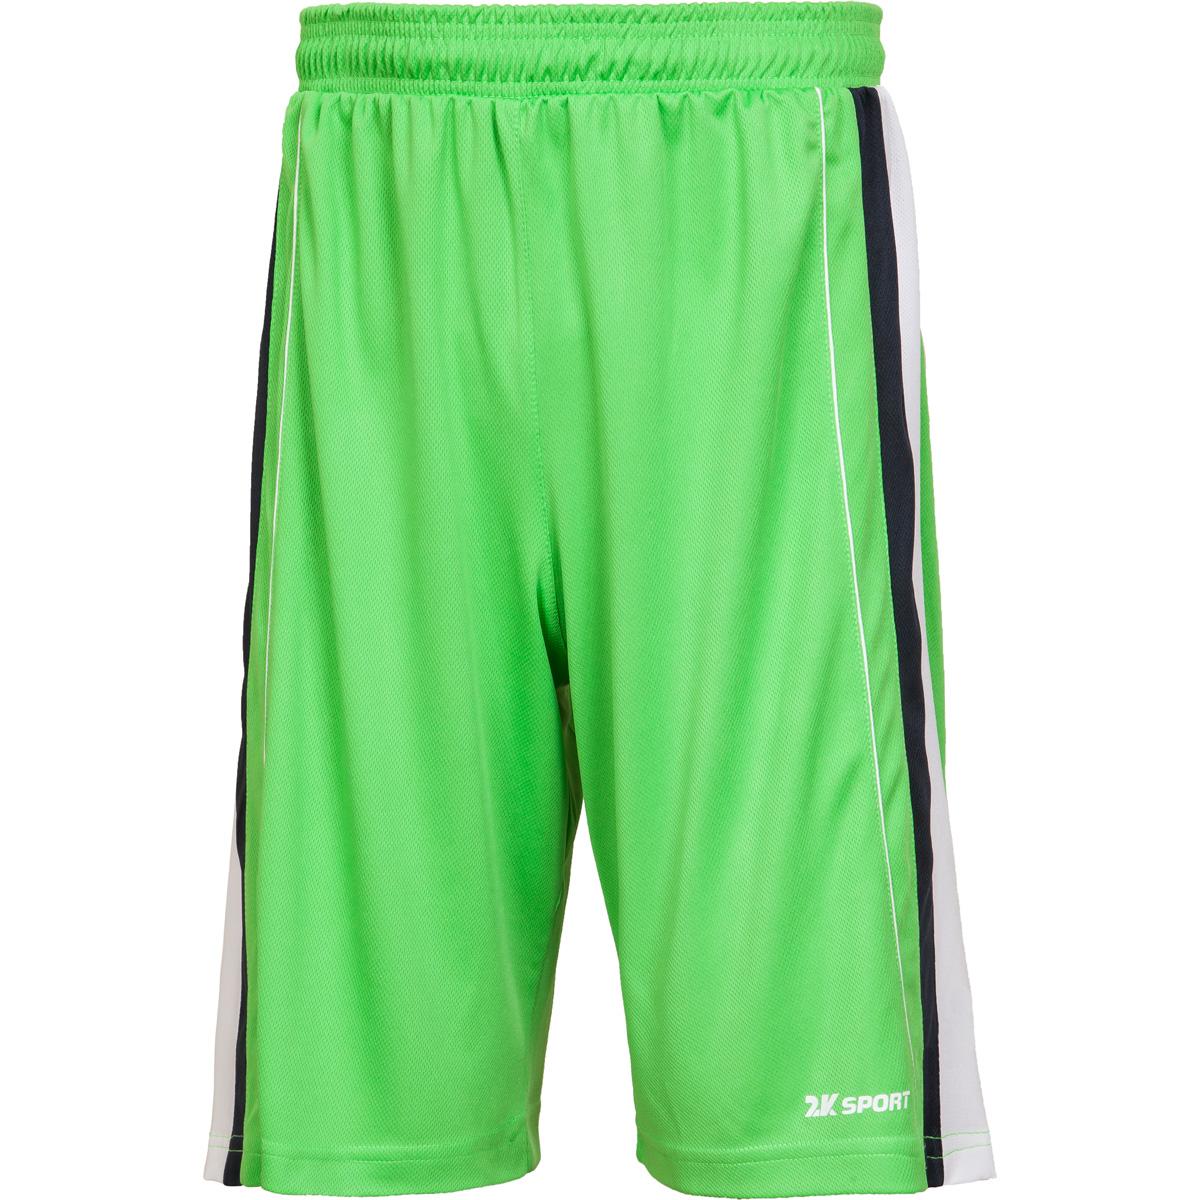 Шорты баскетбольные мужские 2K Sport Advance, цвет: светло-зеленый, темно-синий, белый. 130031. Размер XXXL (56) - Баскетбол